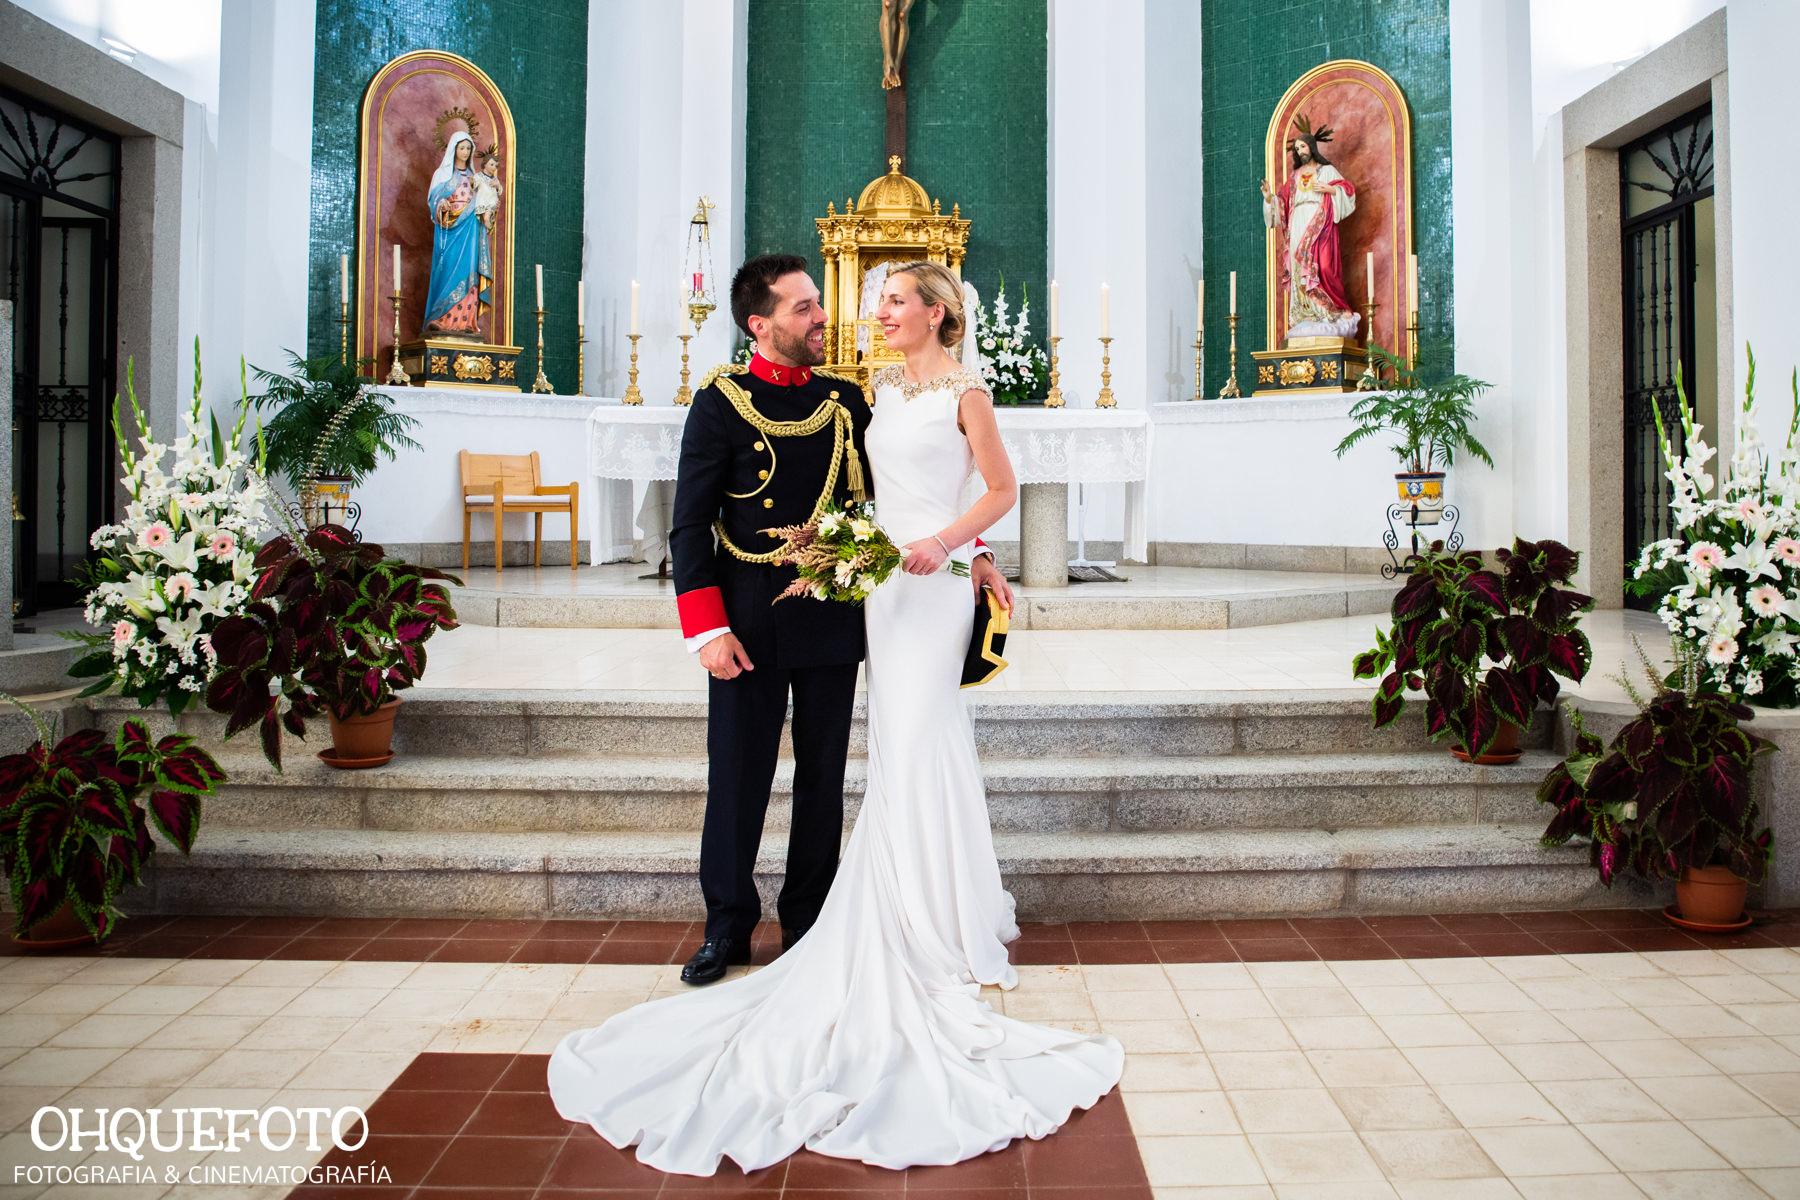 boda en zarza capilla - boda en cabeza del buey- ohquefoto-boda en almaden-finca la peraleda-casa de la novia